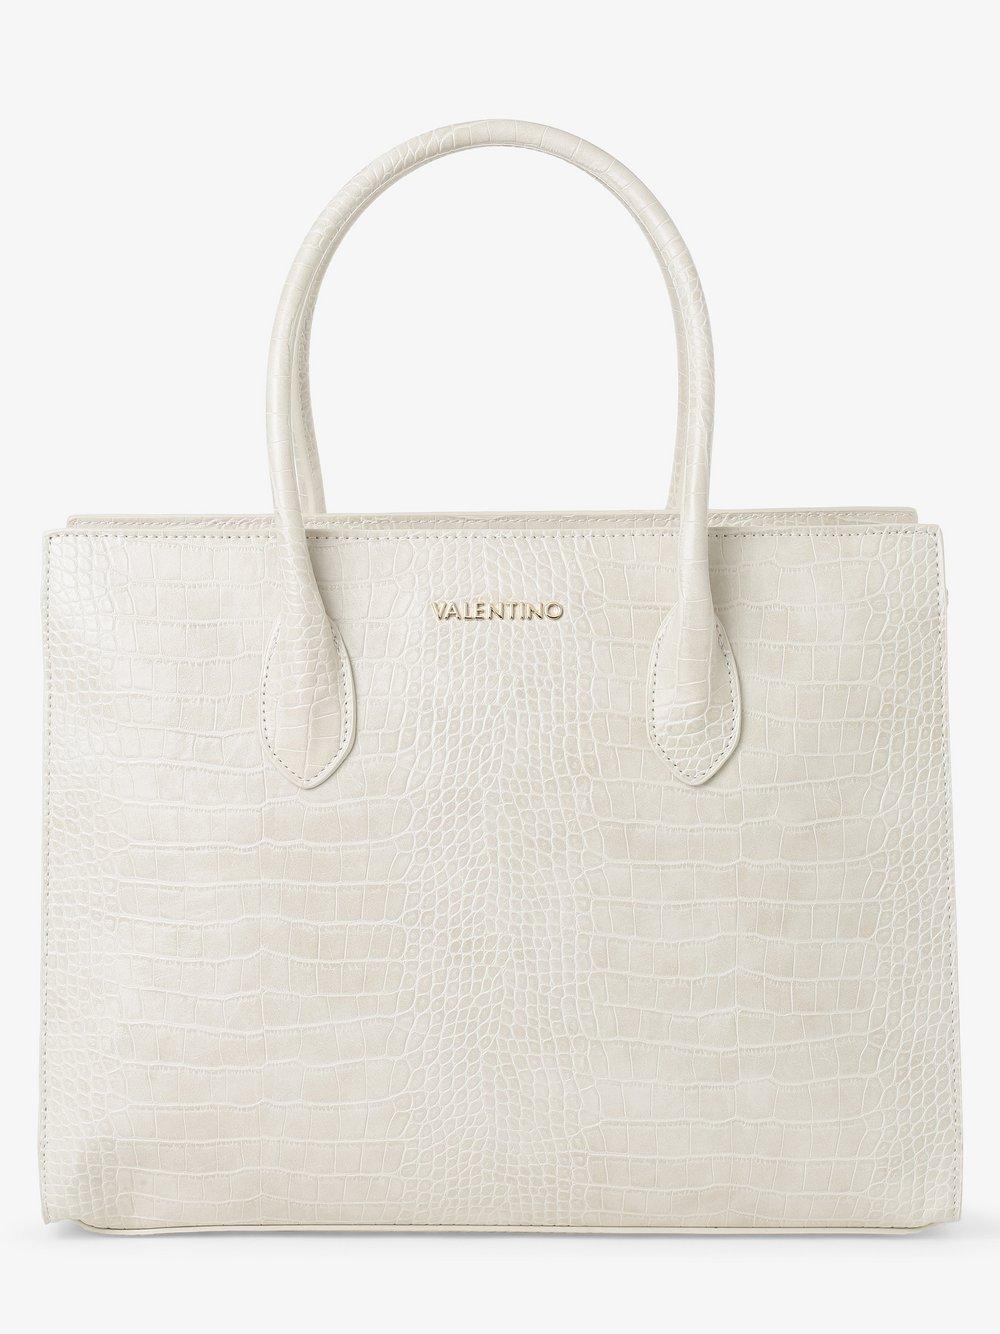 VALENTINO HANDBAGS – Damska torba shopper – Summer Memento, beżowy Van Graaf 465349-0002-00000